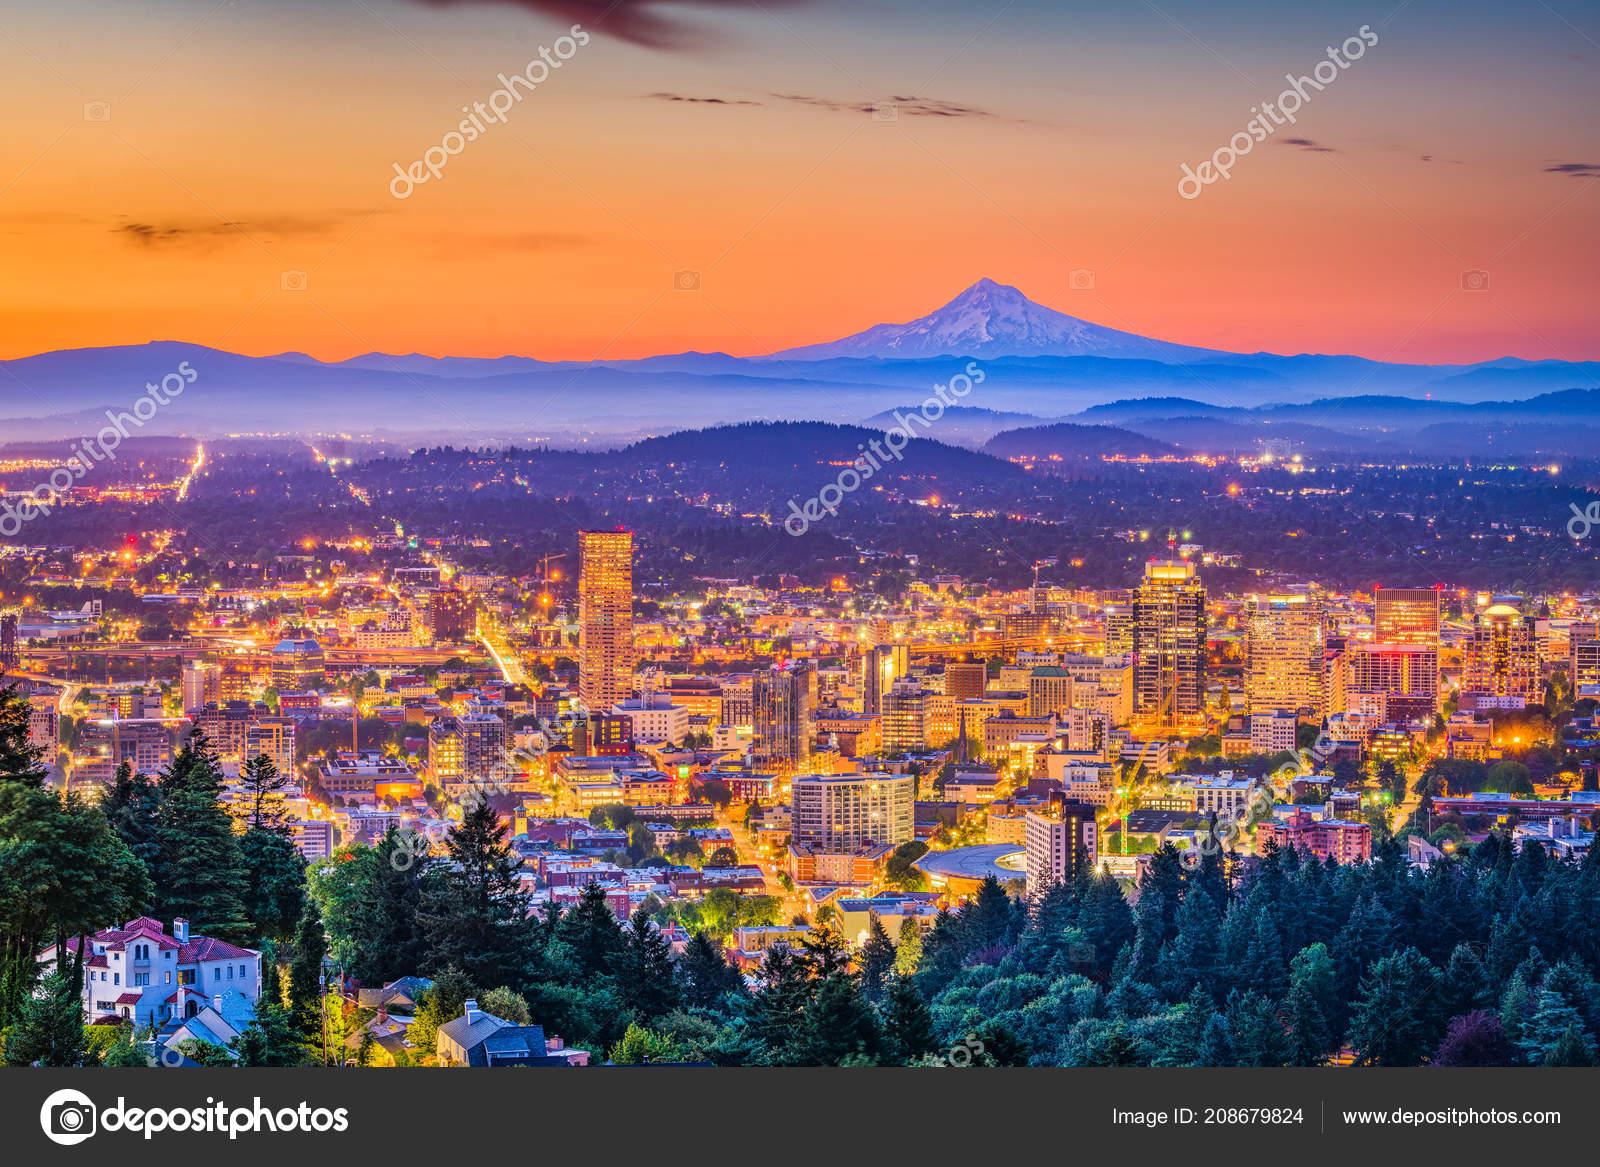 pripojiť Portland Oregon zadarmo miestne Zoznamka v Južnej Afrike